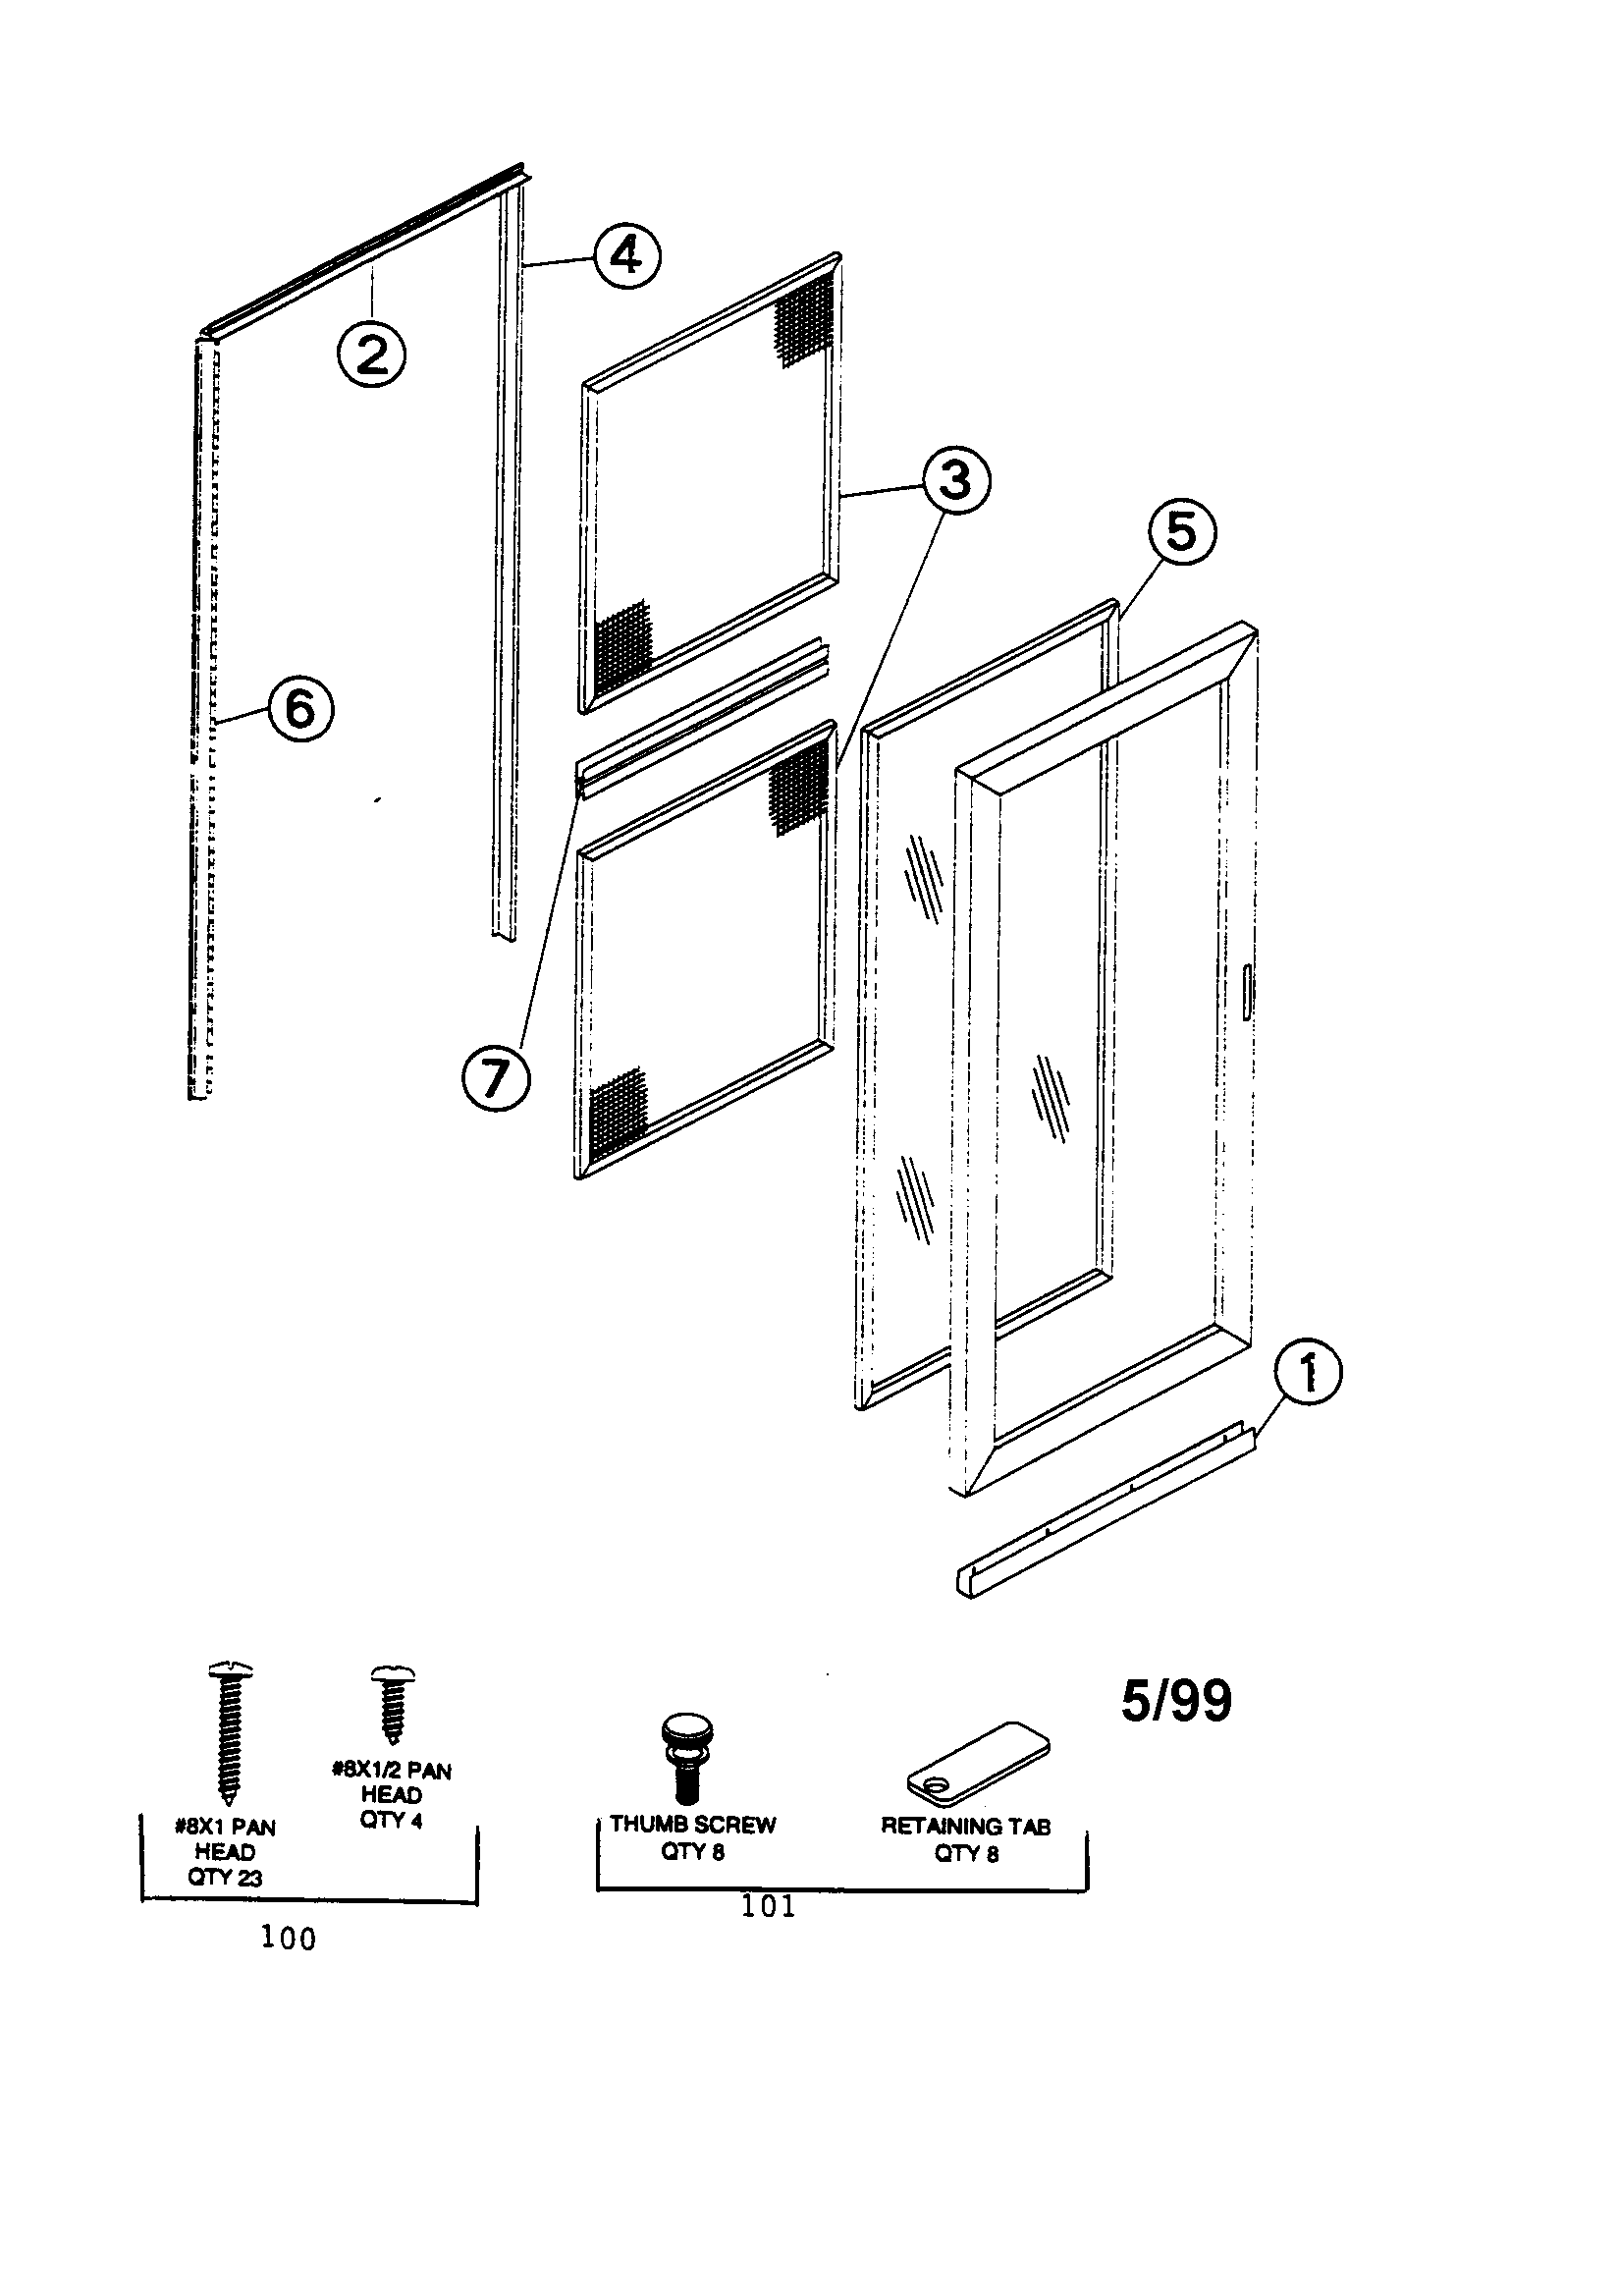 Emco model FVLT-32WH storm/screen door genuine parts